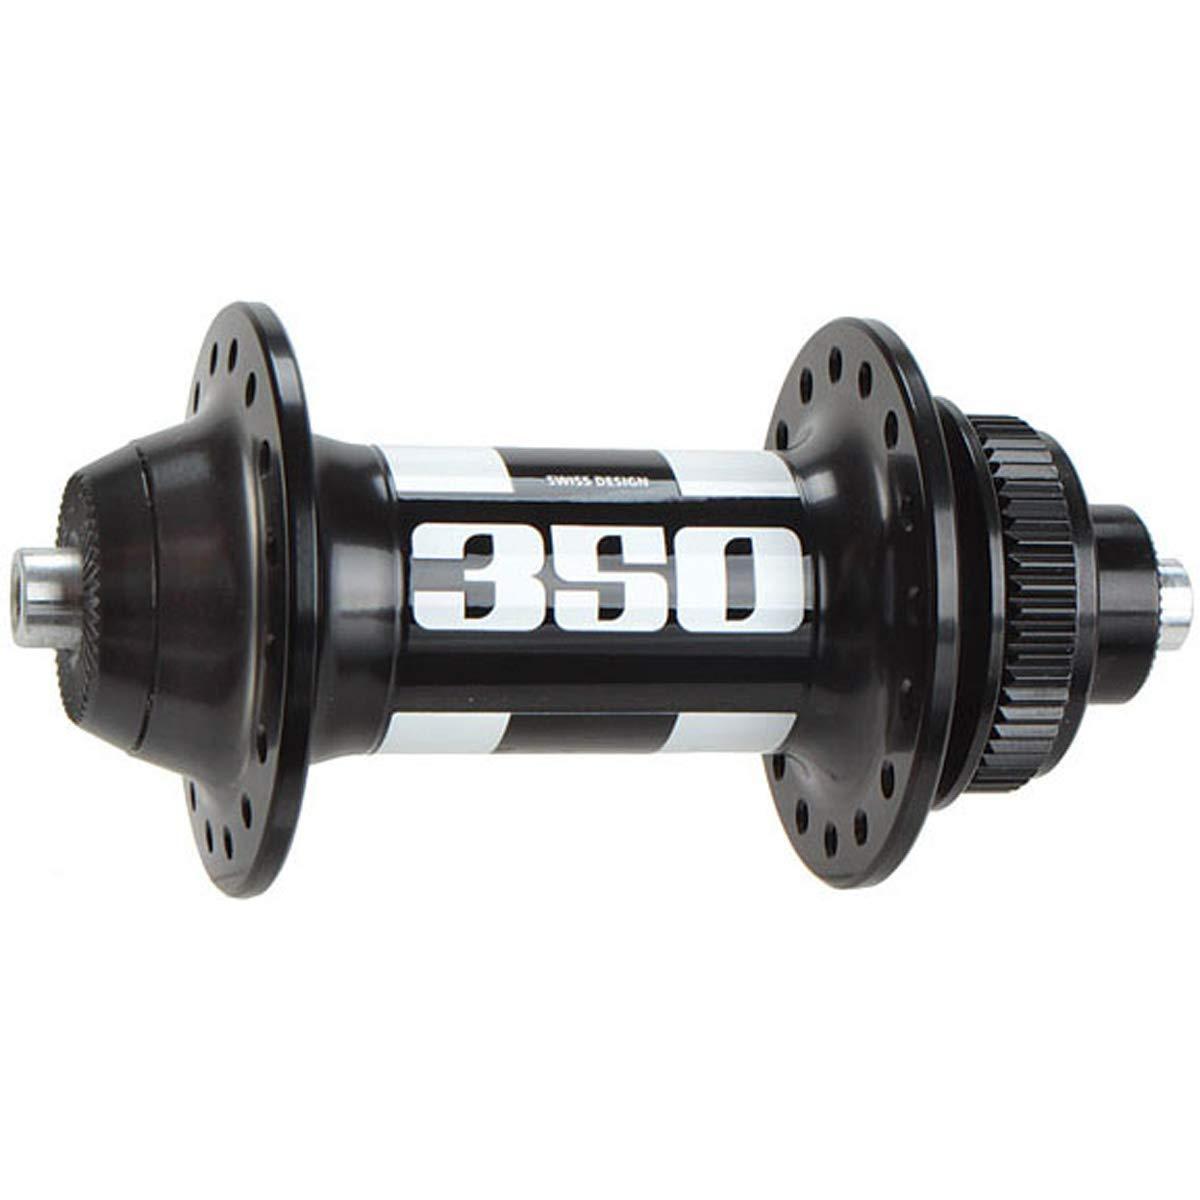 DT Swiss 2160030700 Nabe, schwarz, 10 x 10 x 4 cm